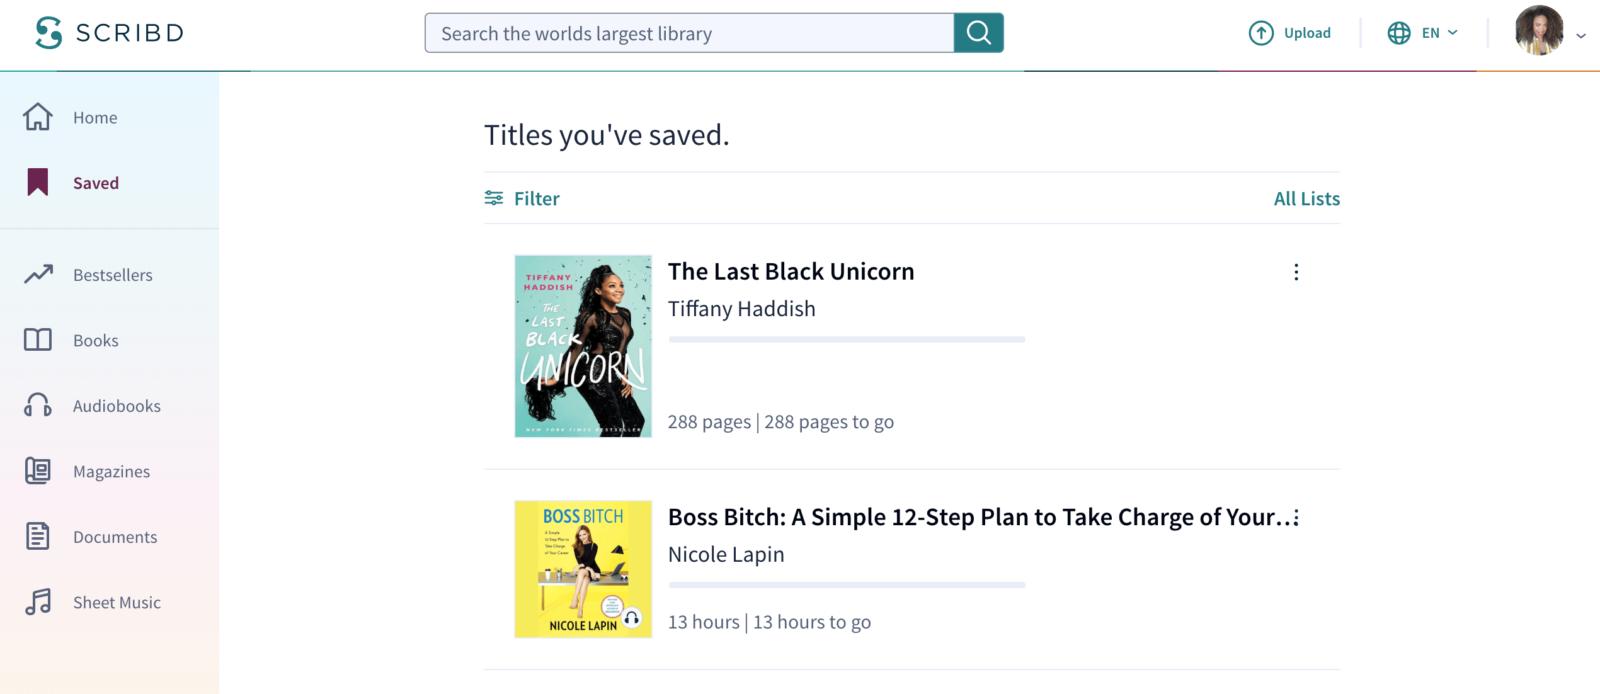 Heb jij 's werelds grootste online bibliotheek al ontdekt? Duizenden luisterboeken en online boeken lezen